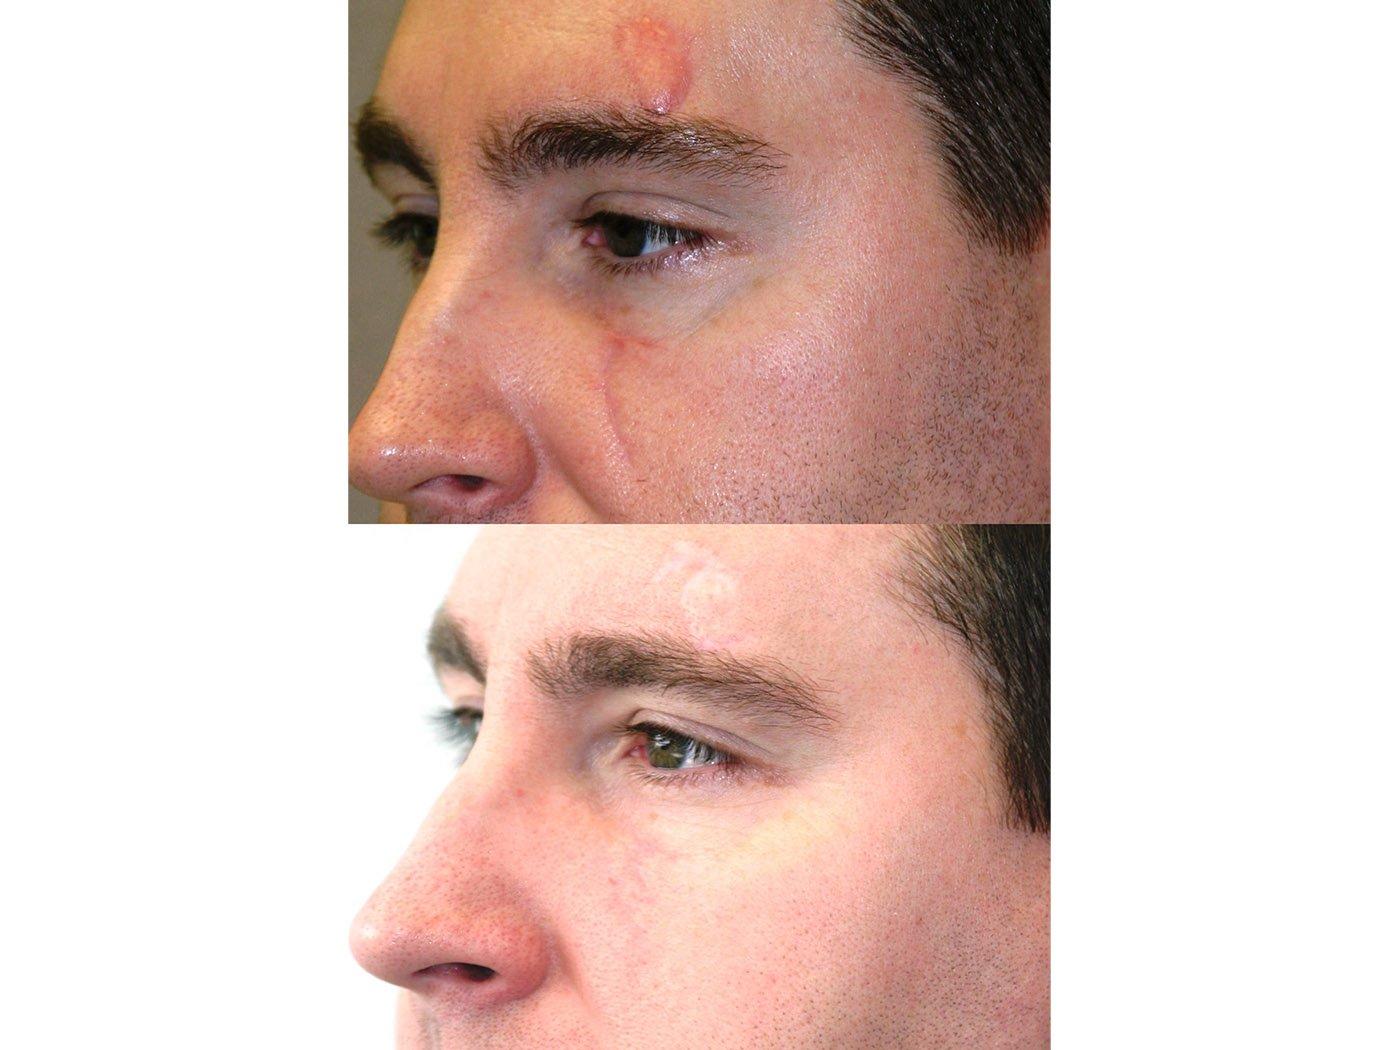 Z-plasty scar revision 6 months after surgery, oblique view